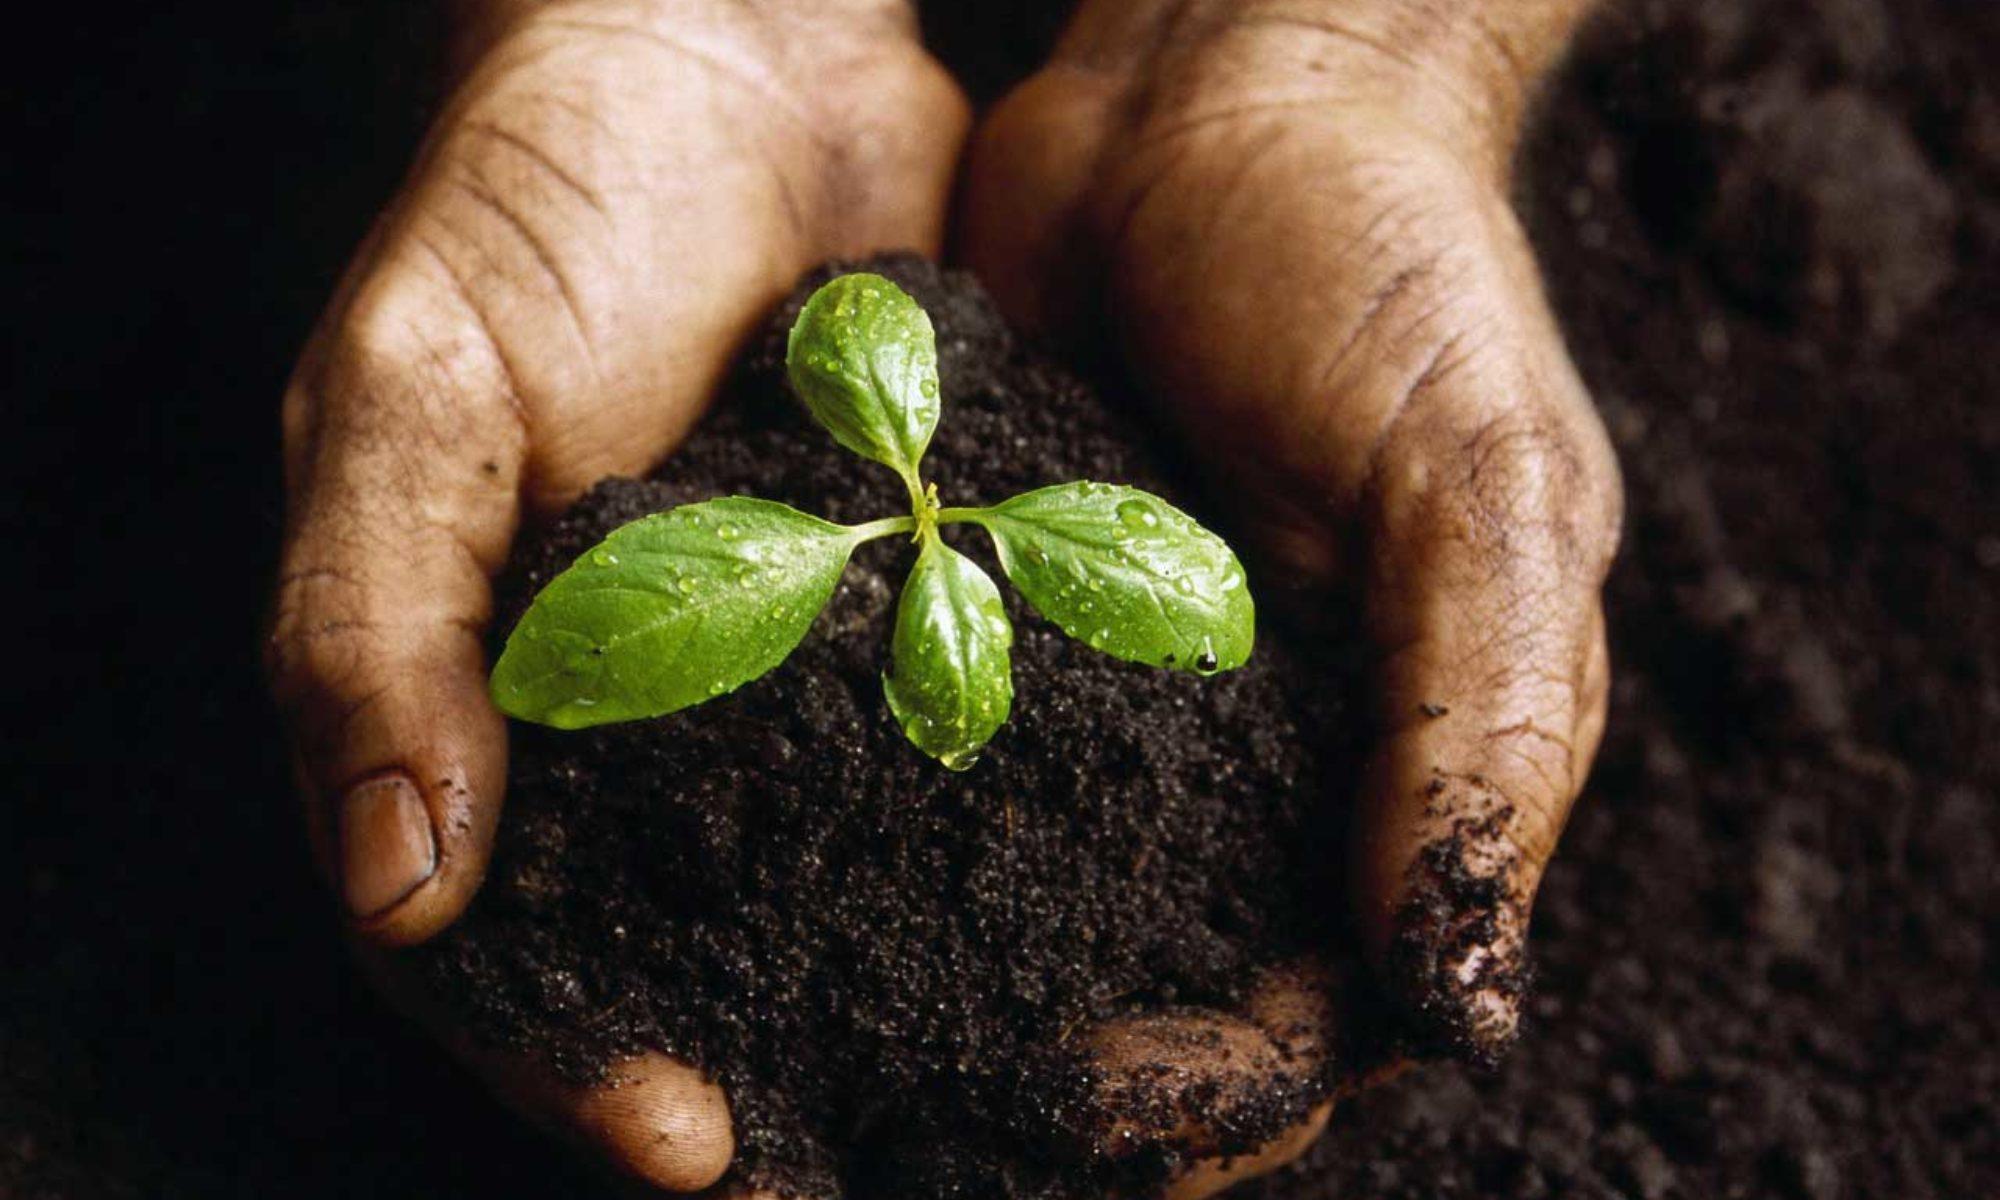 Für Jede Bestellung Pflanzen Wir 2 Bäume